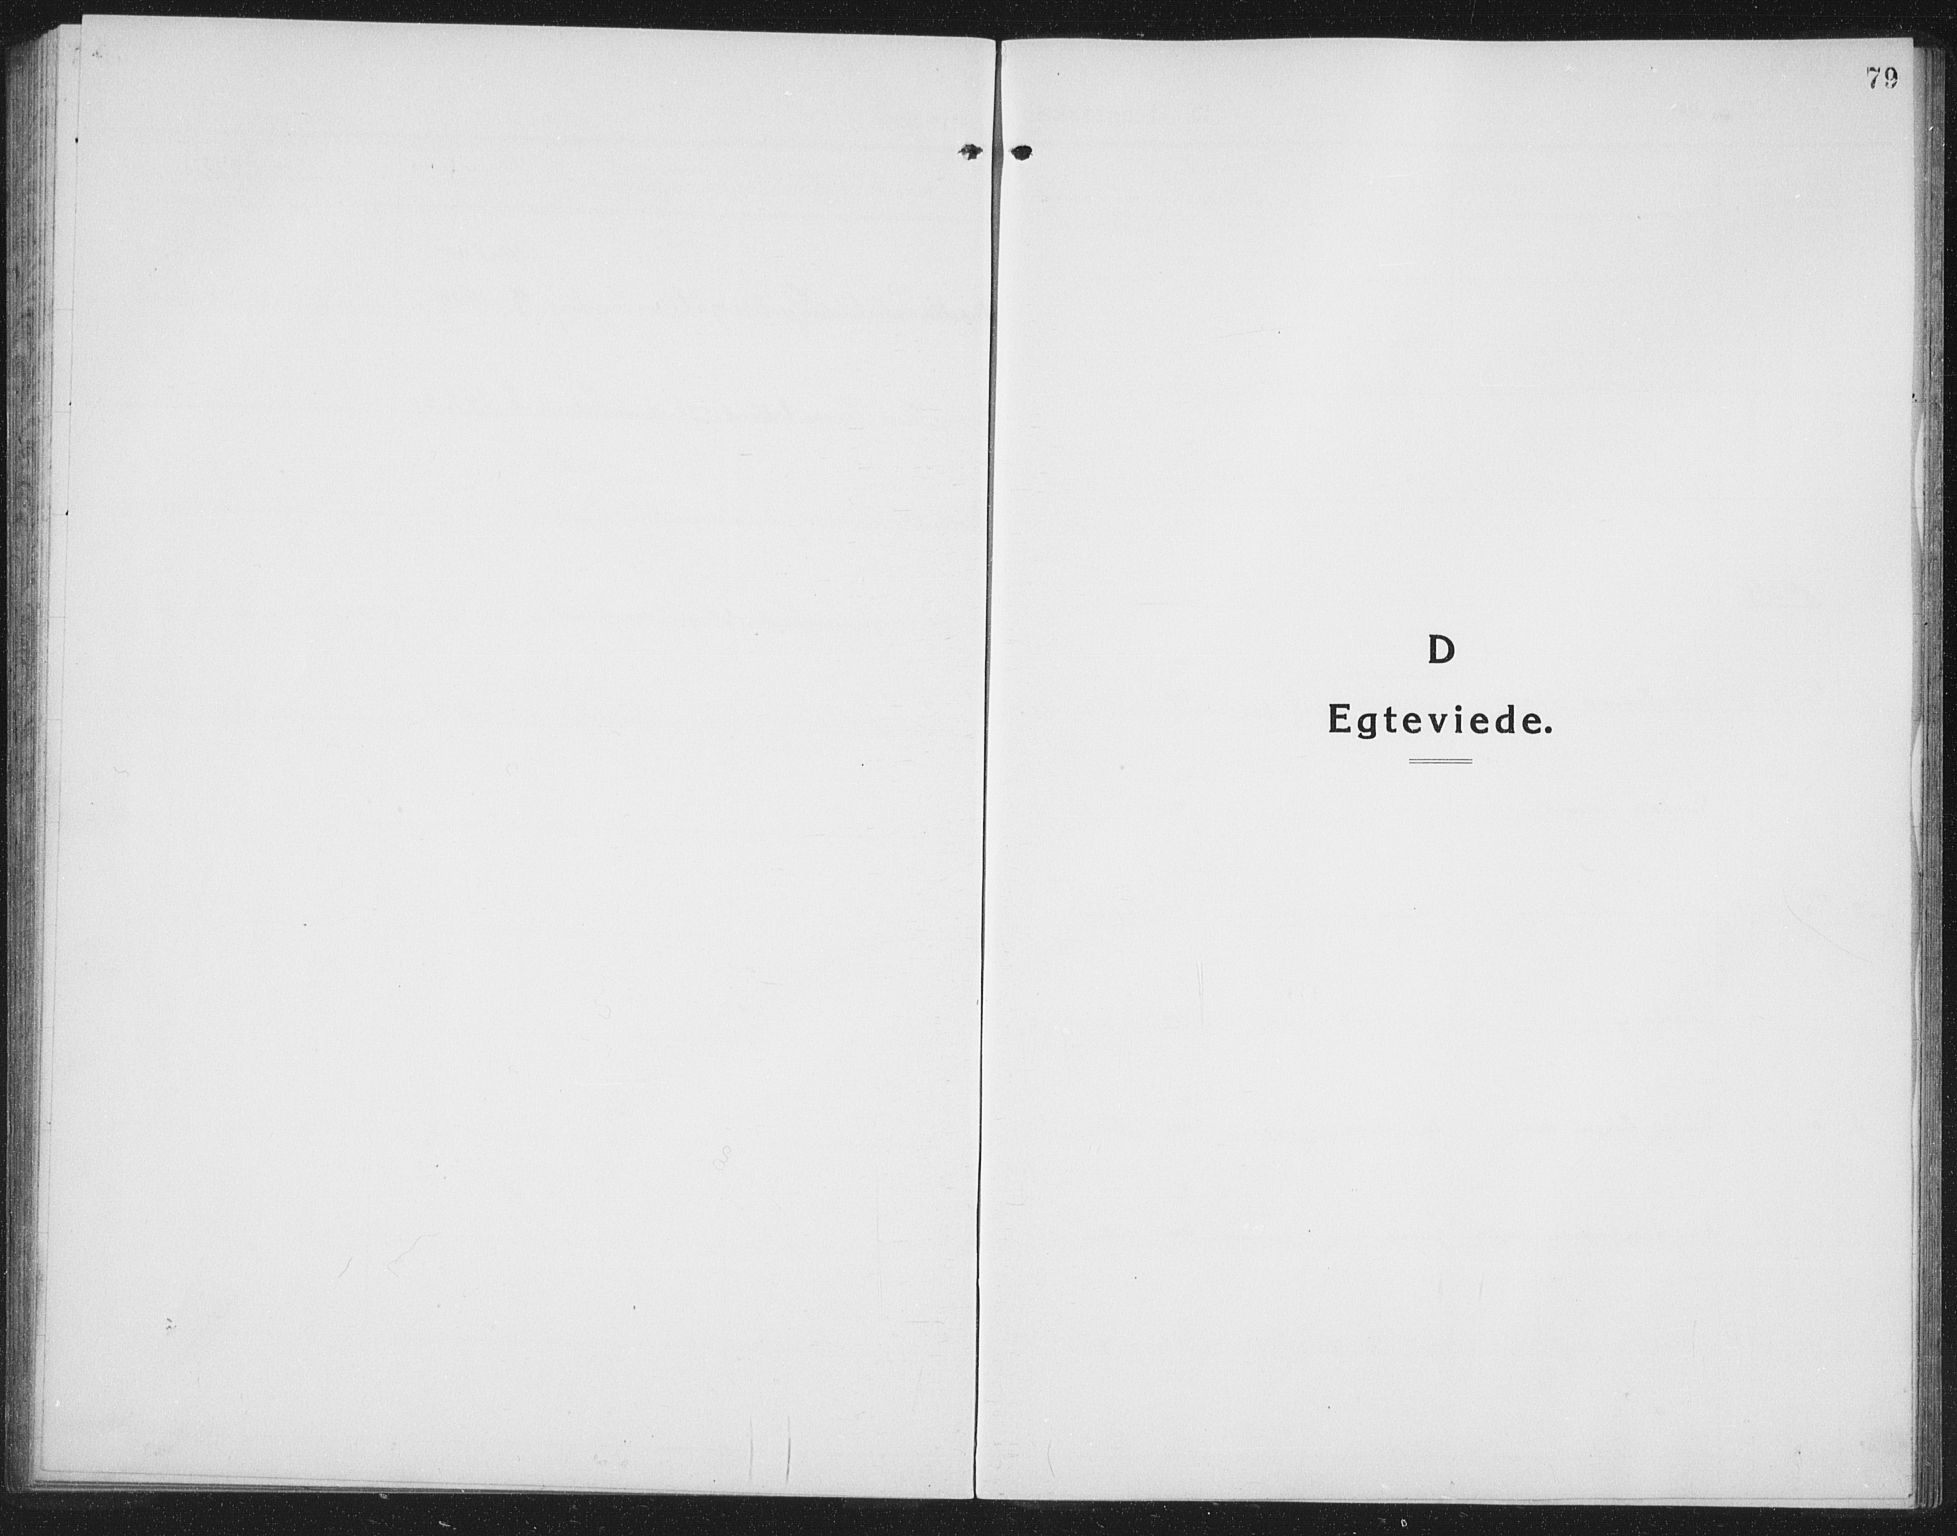 SAT, Ministerialprotokoller, klokkerbøker og fødselsregistre - Nord-Trøndelag, 757/L0507: Klokkerbok nr. 757C02, 1923-1939, s. 79